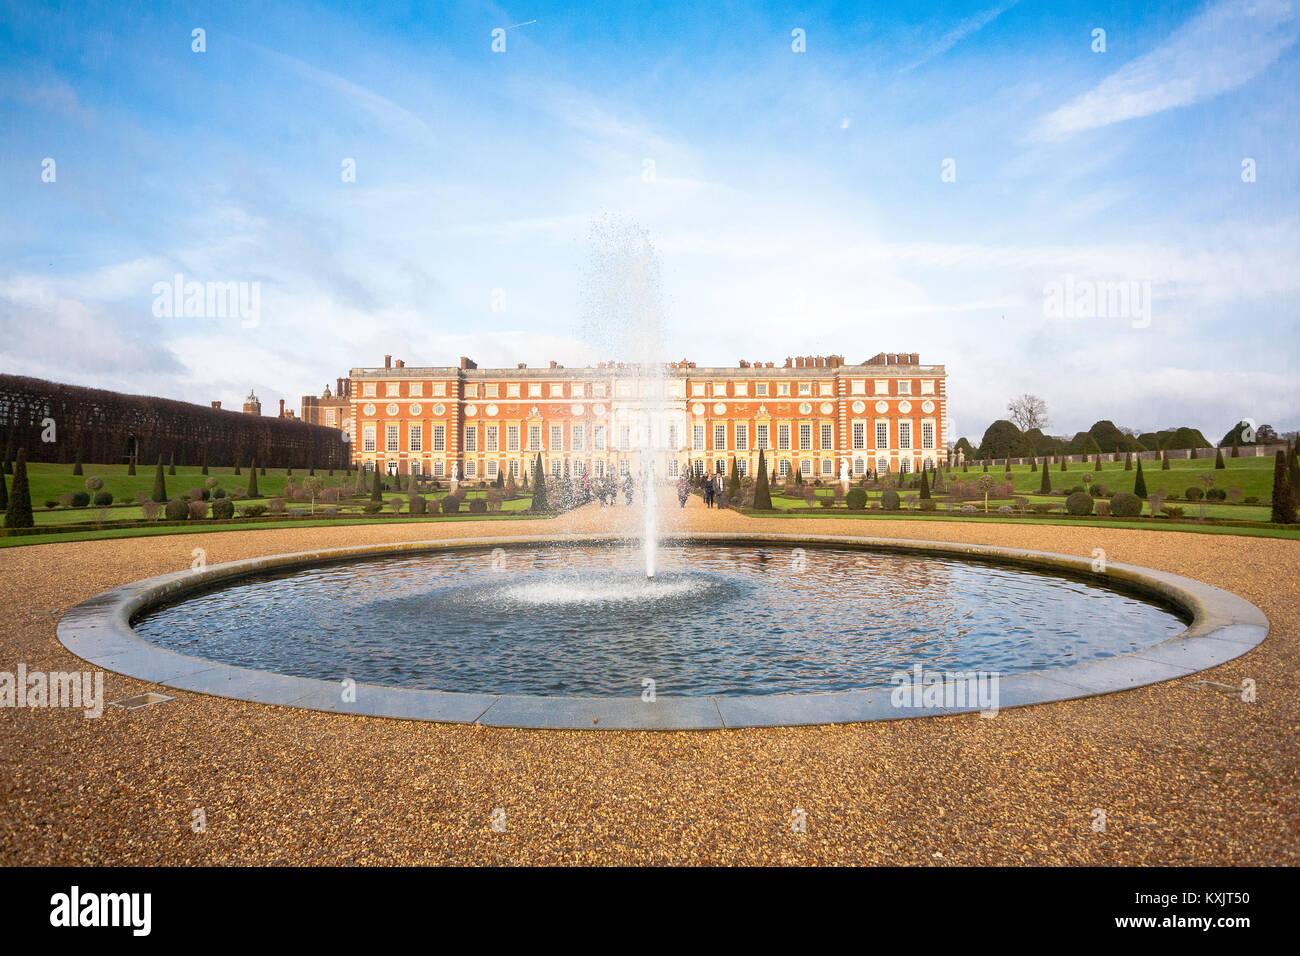 Hampton Court Palace, einem königlichen Palast in der Stadt Richmond, London. Es hat zwei unterschiedliche Stockbild